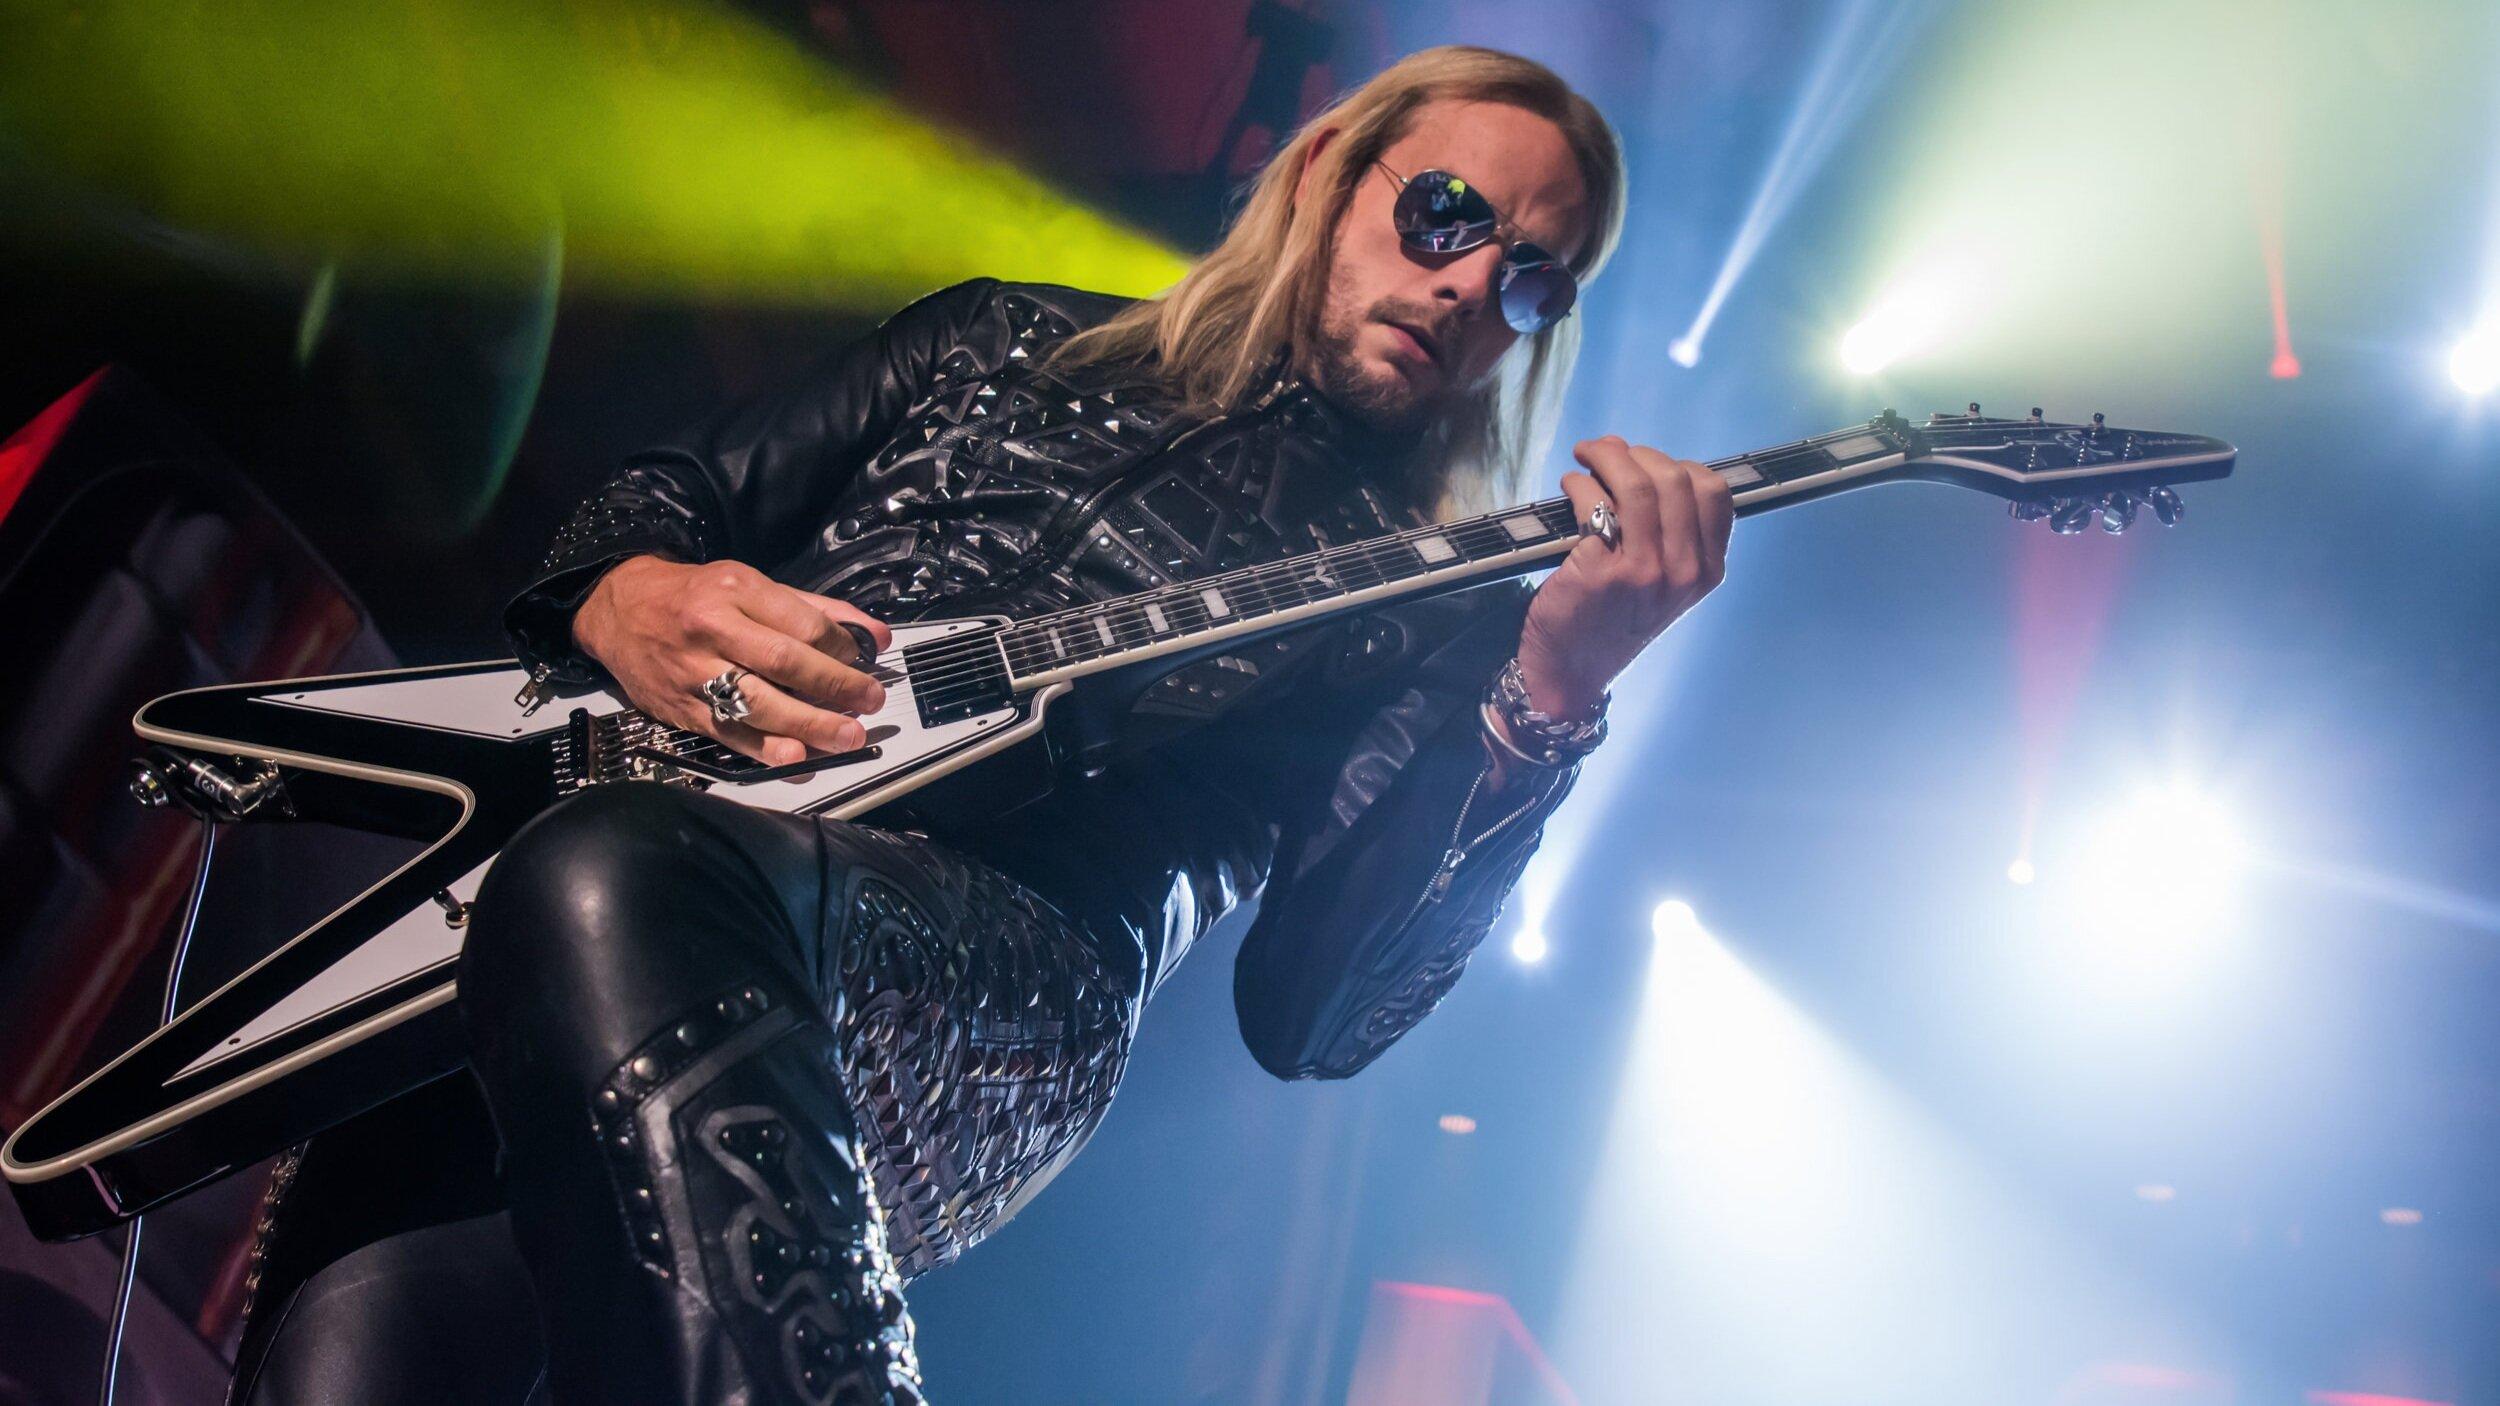 Judas_Priest-15r.jpg